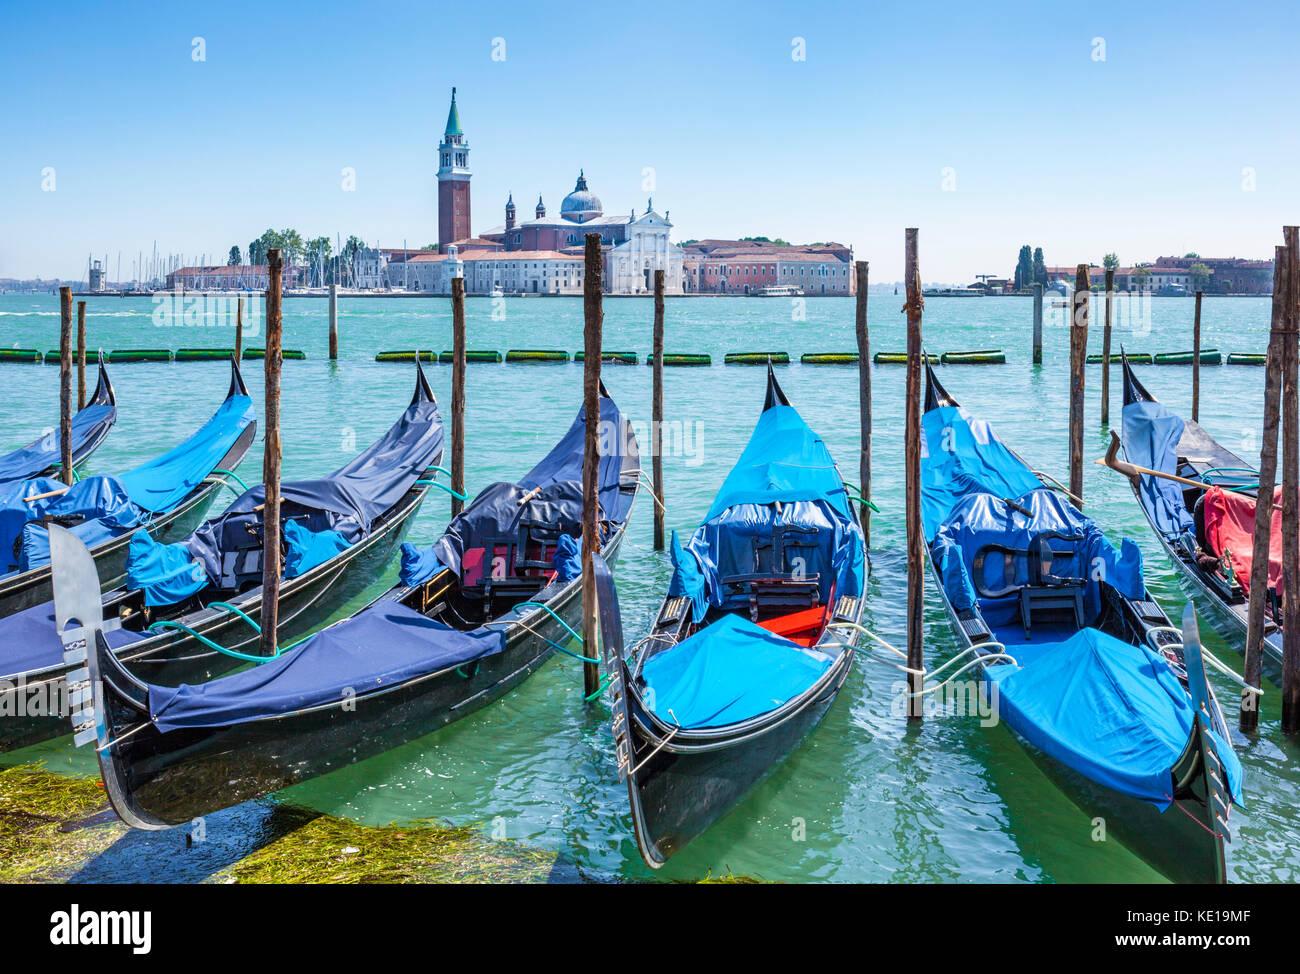 Italia Venecia Italia góndolas en el Gran Canal Venecia frente a la isla de San Giorgio Maggiore, Venecia Italia Foto de stock